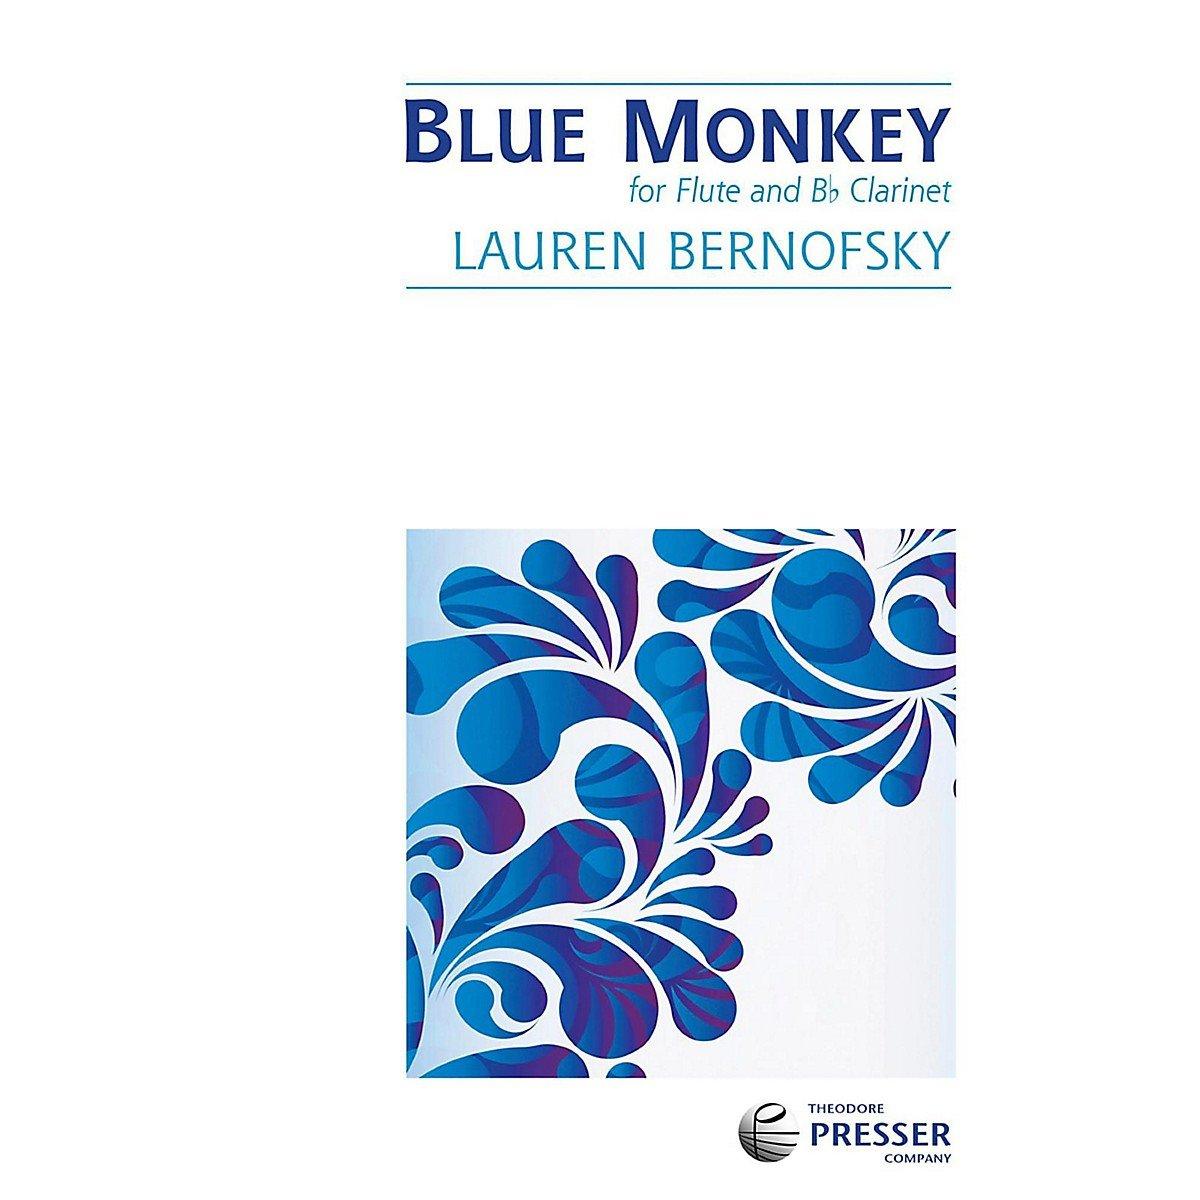 Carl Fischer Blue Monkey - Flute and Bb Clarinet ebook by Carl Fischer